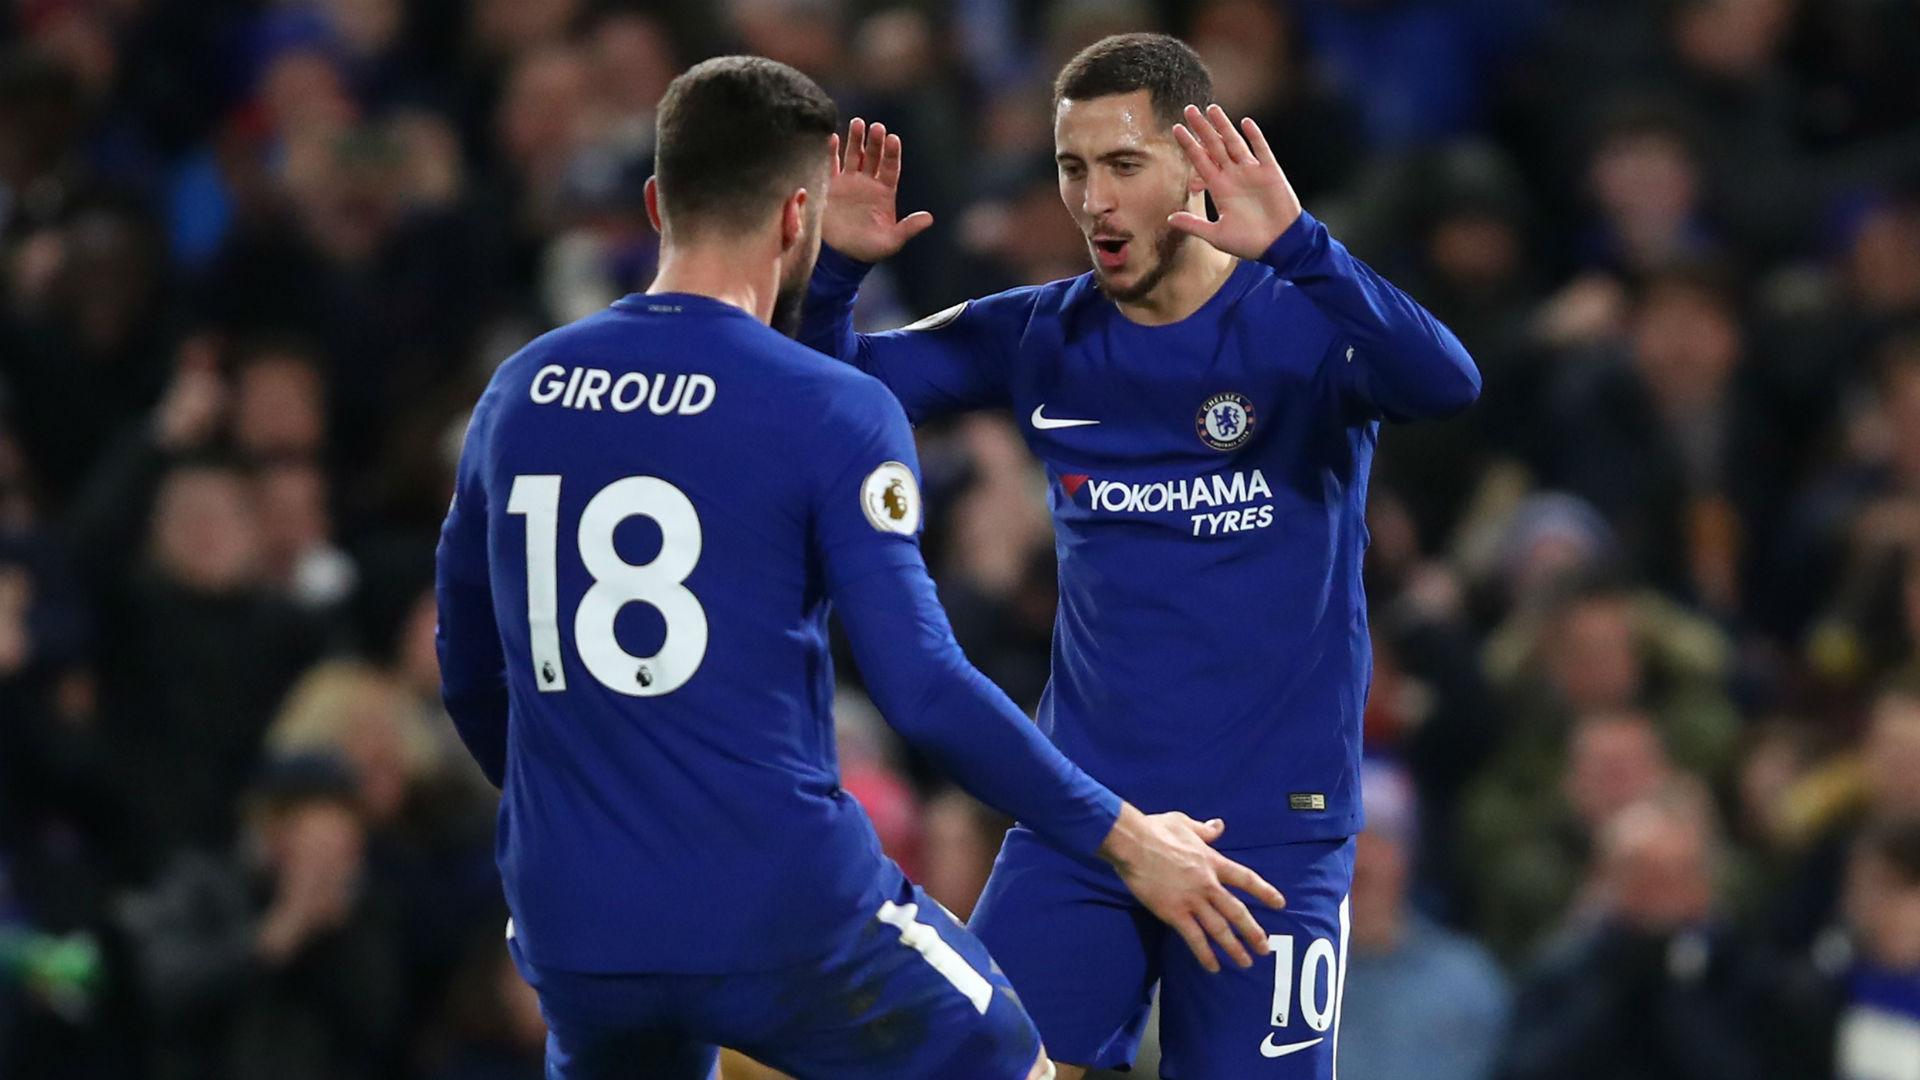 Chelsea S Giroud Keen On Special Hazard Stay